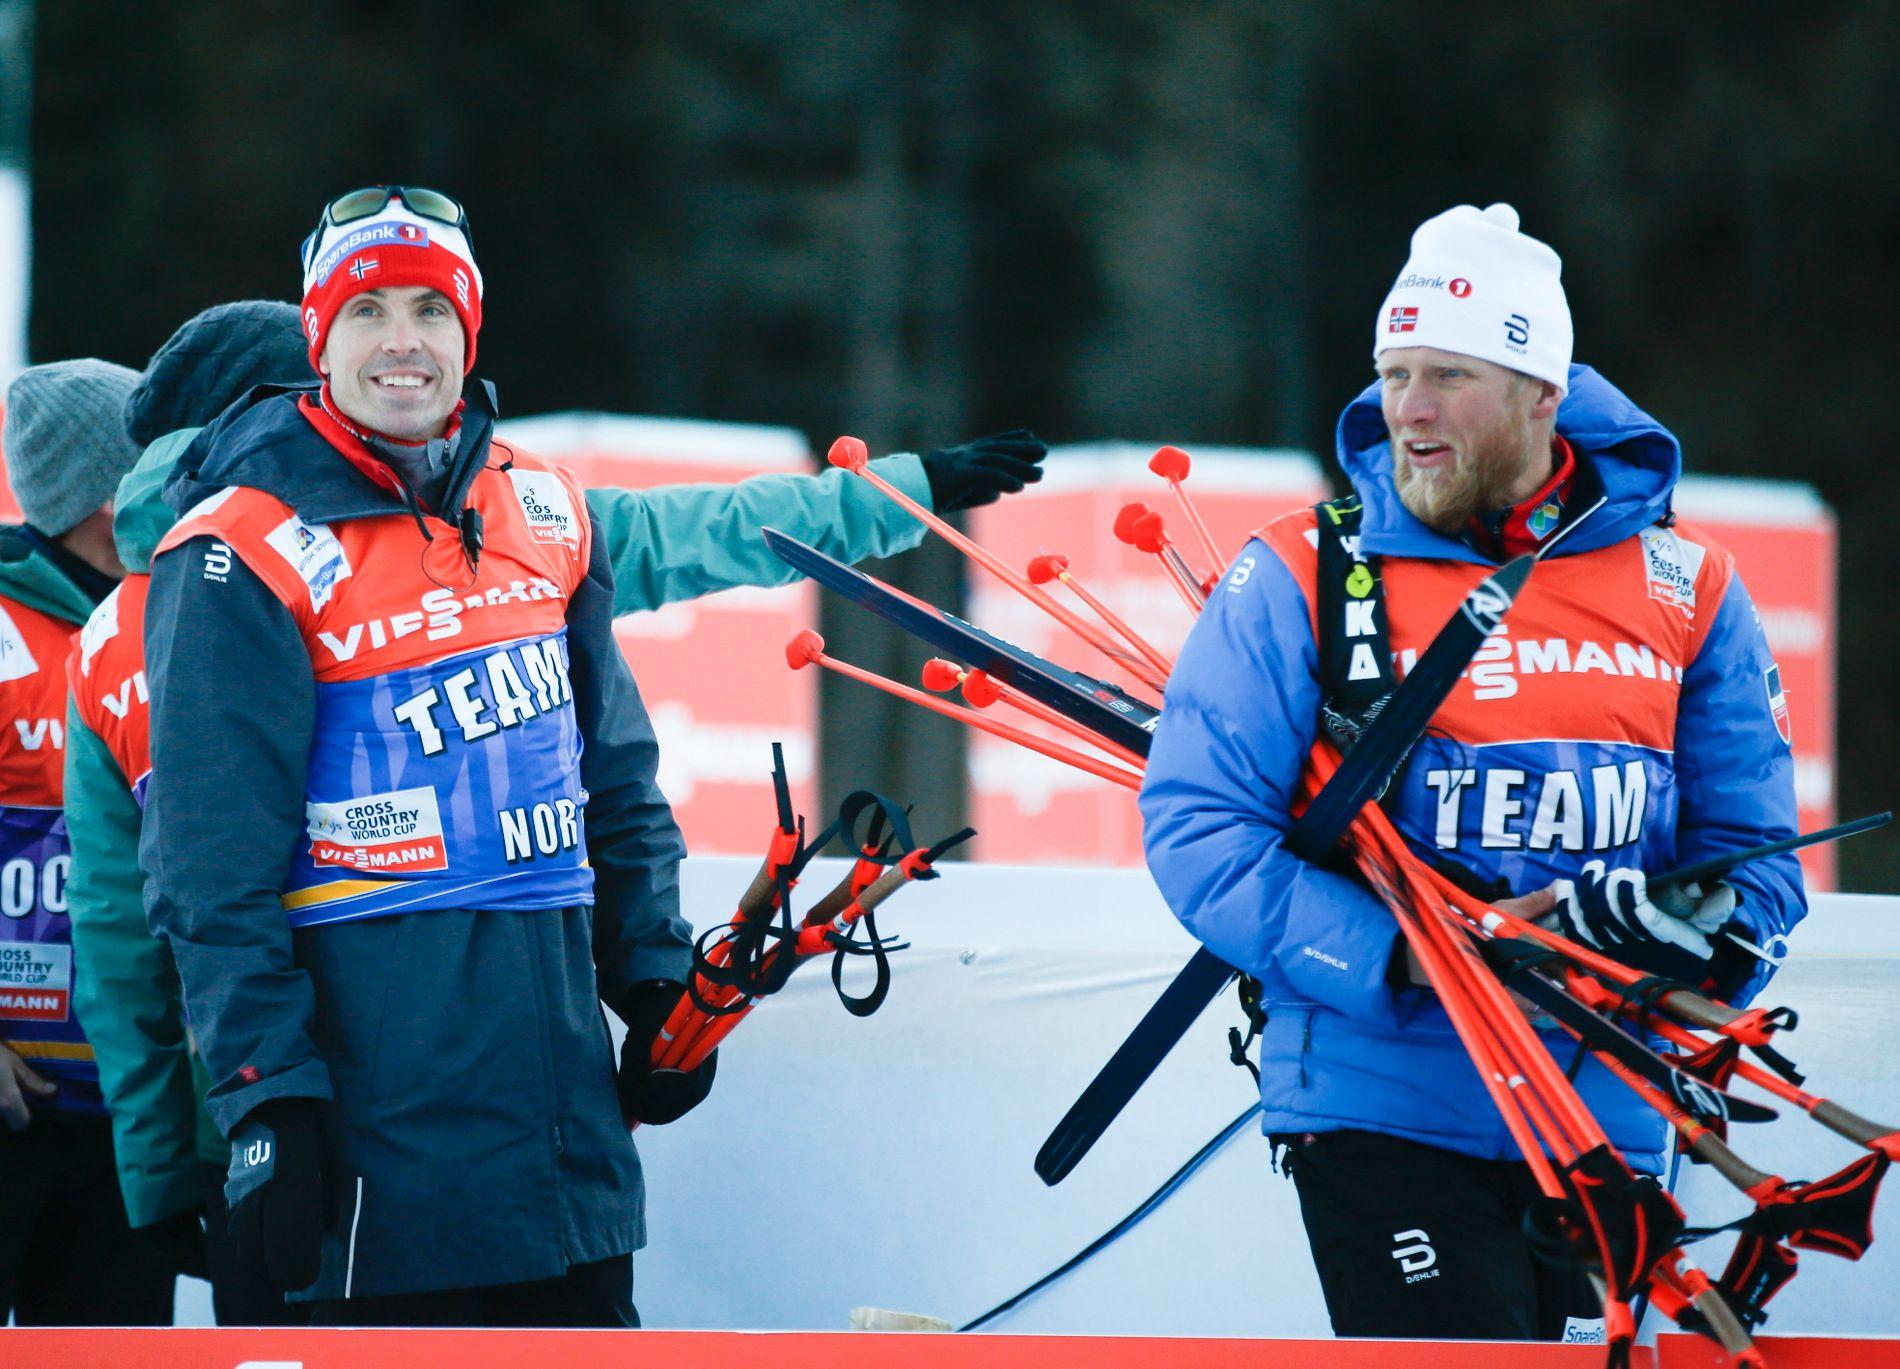 FORSØKER Å FINNE LØSNINGER: Landslagssjef Vidar Løfshus og tidligere allroundtrener Tor-Arne Hetland, her sammen under en Tour de Ski-etappe i sveitsiske Val Müstair nyttårsaften i 2016.